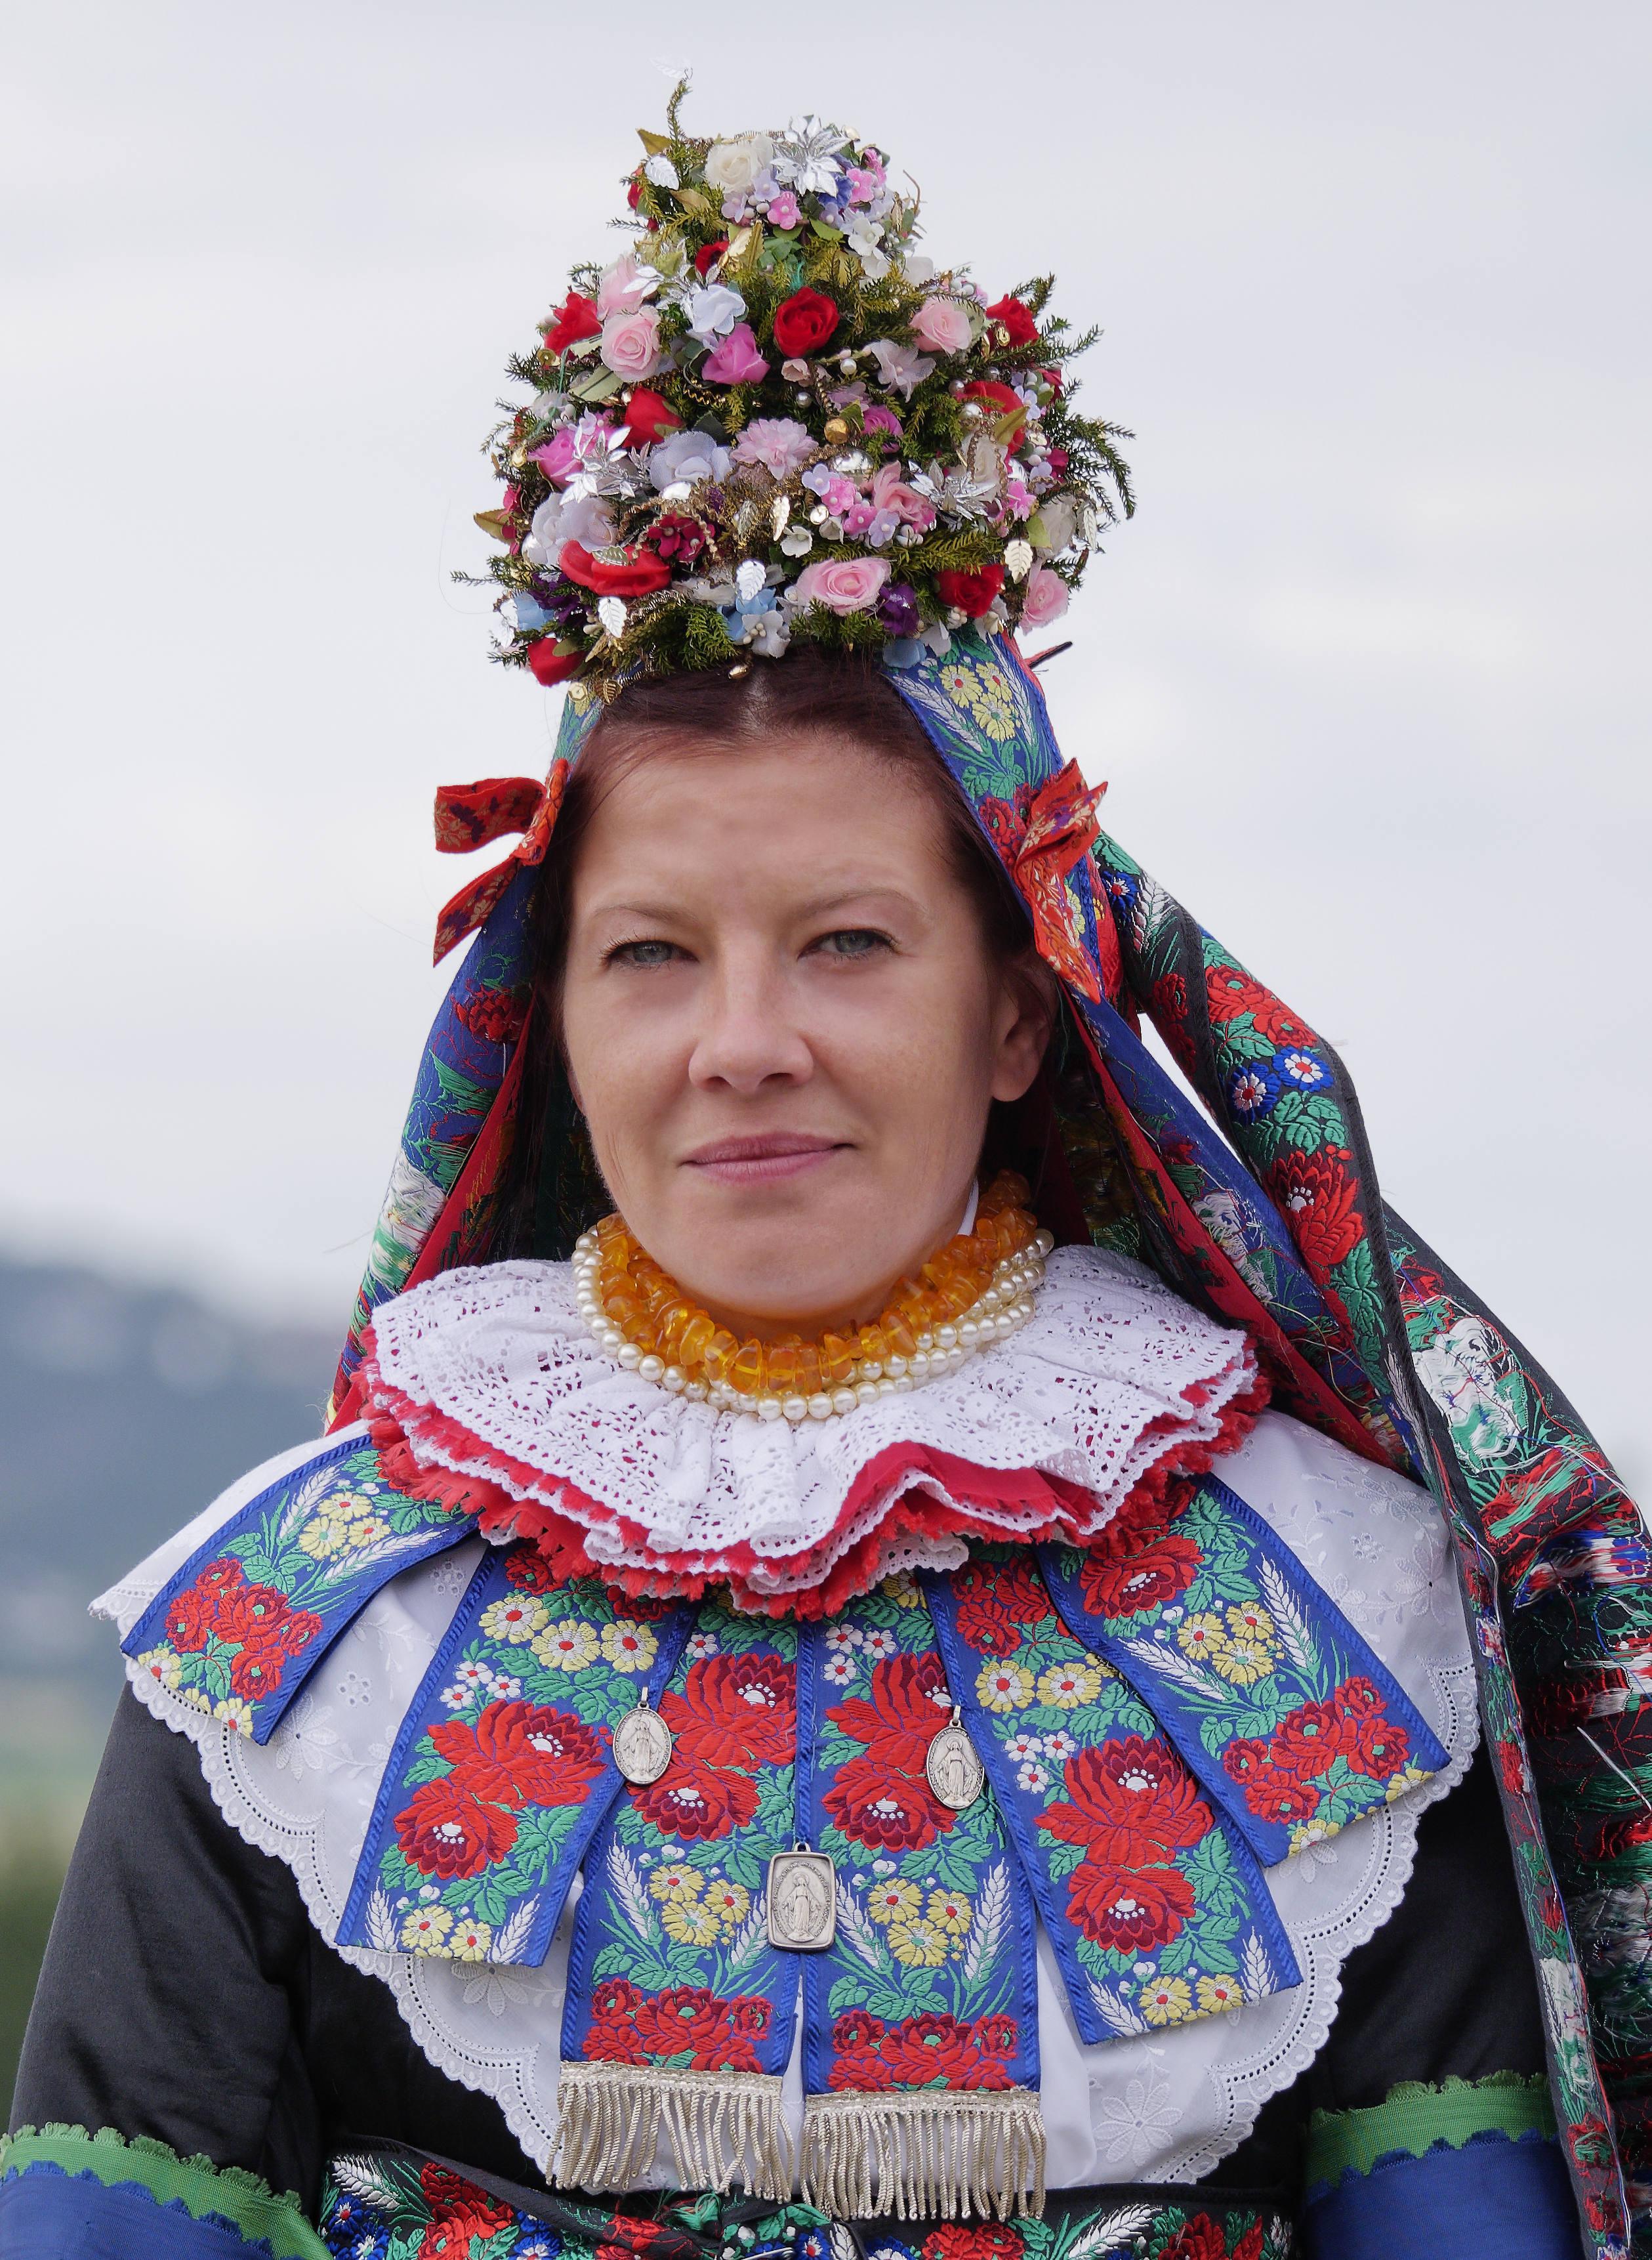 Die Katholische Braut aus Erfurtshausen trägt auf dem Kopf das sog. Aufgesetzt.